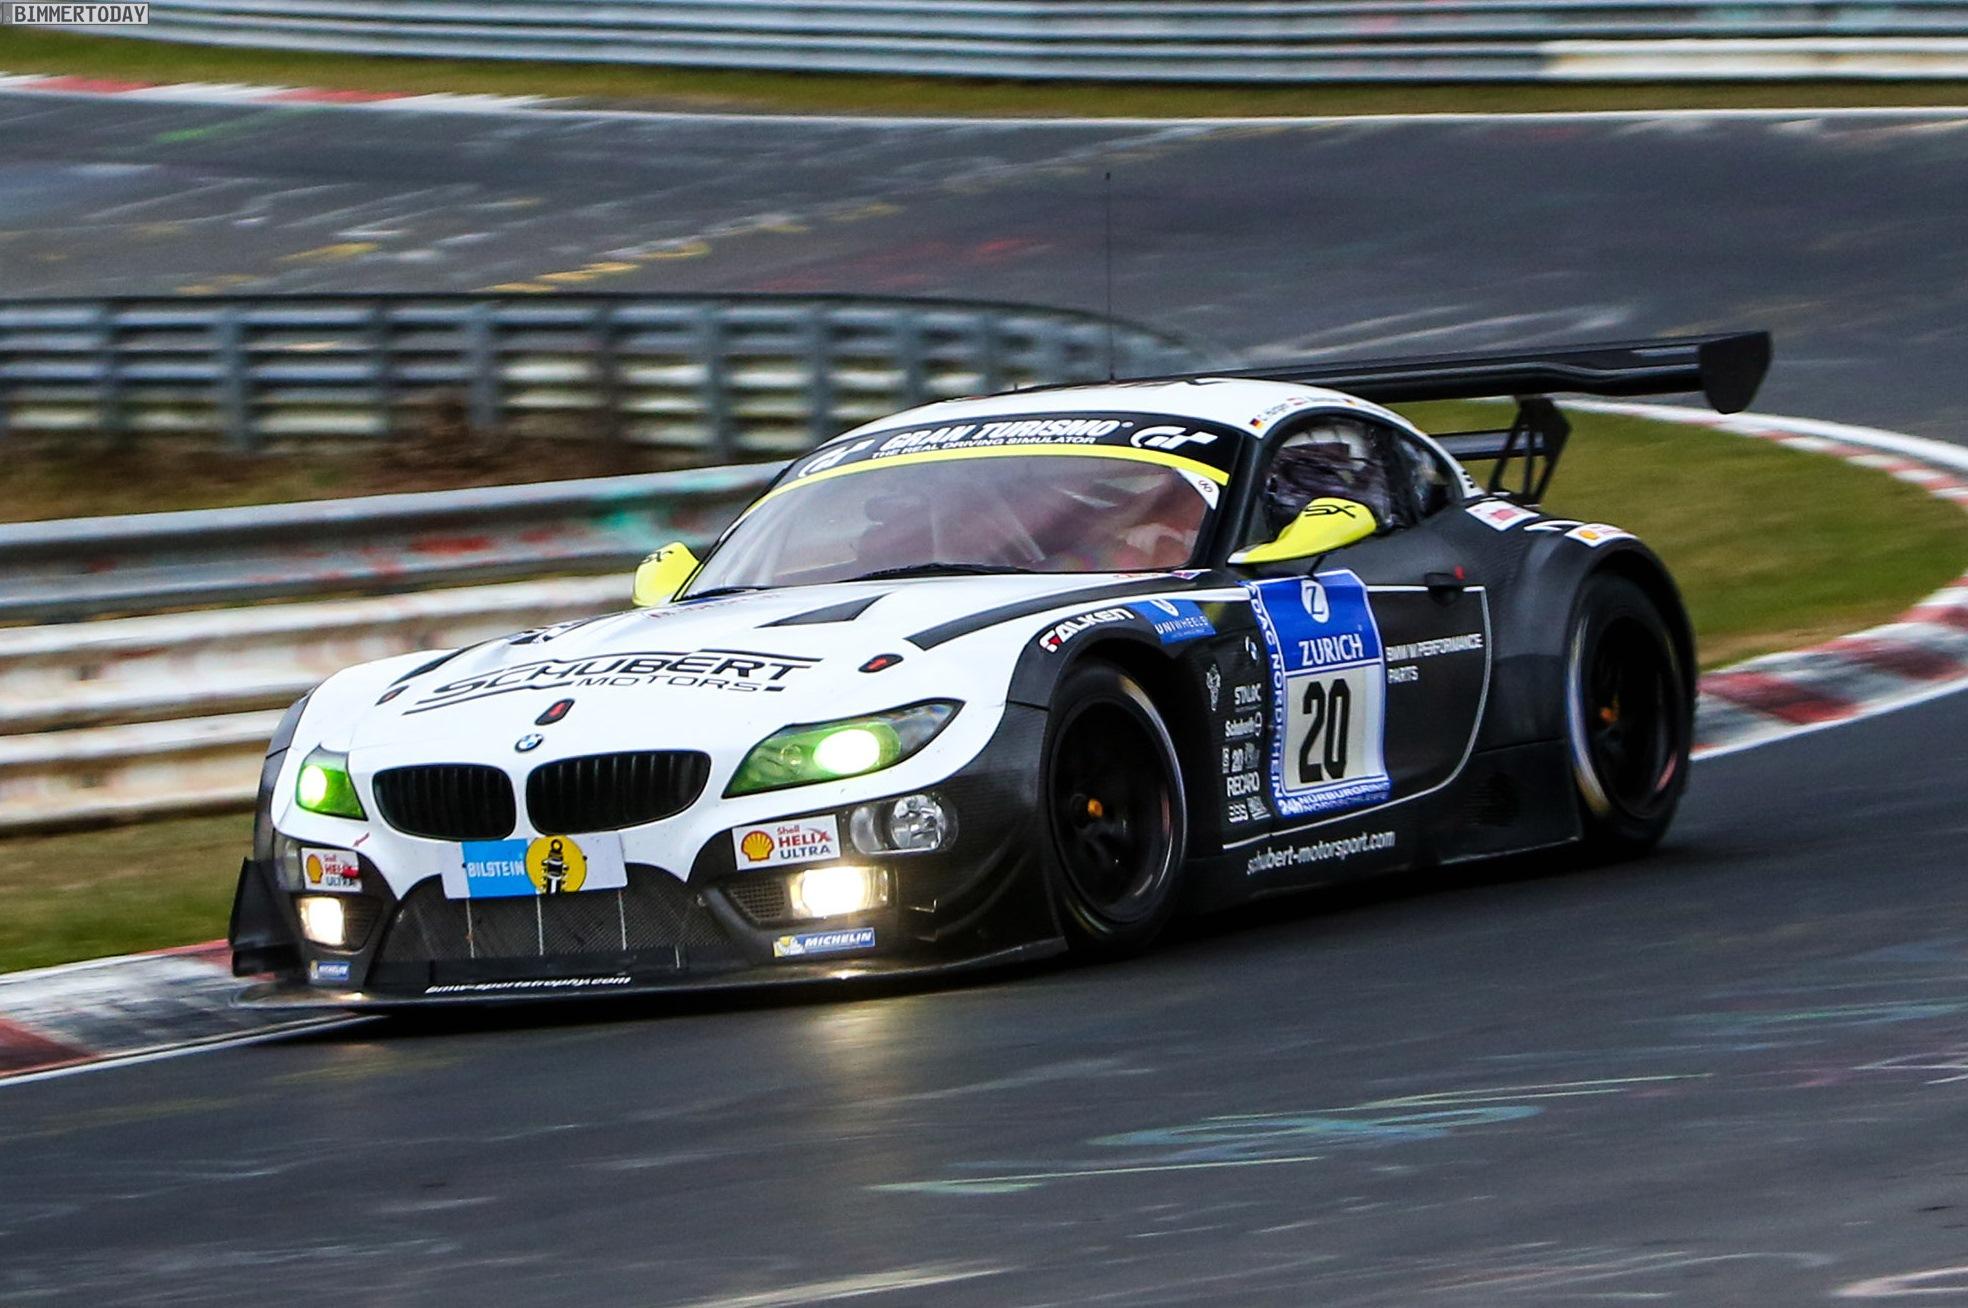 24h N 252 Rburgring 2015 Bmw Z4 Gt3 Gewinnt Quali Rennen